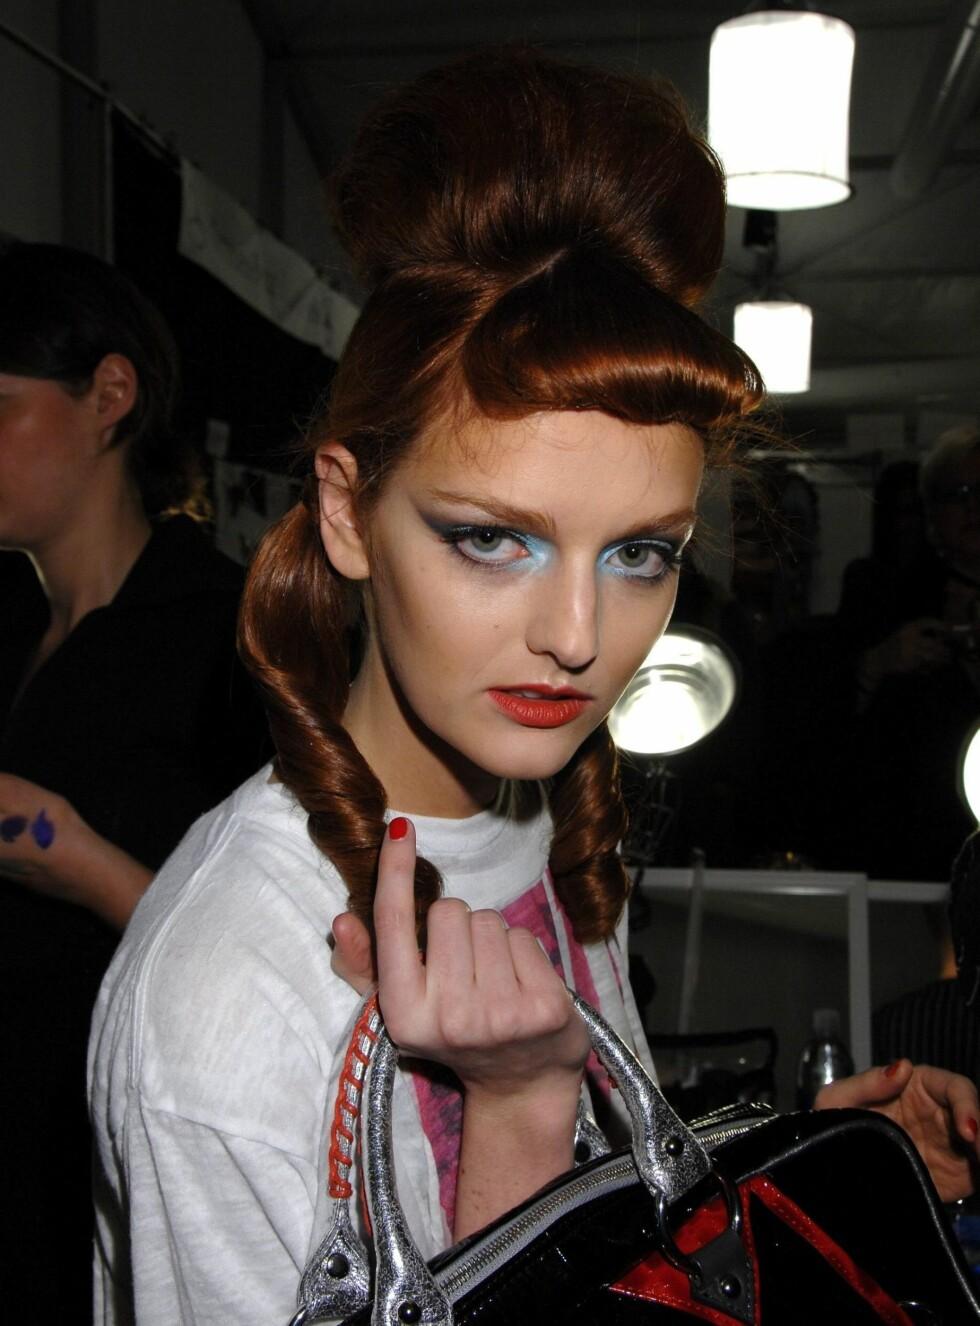 NEI! Britney får ingen veske av meg, sa Lydia Hearst. Foto: Stella Pictures